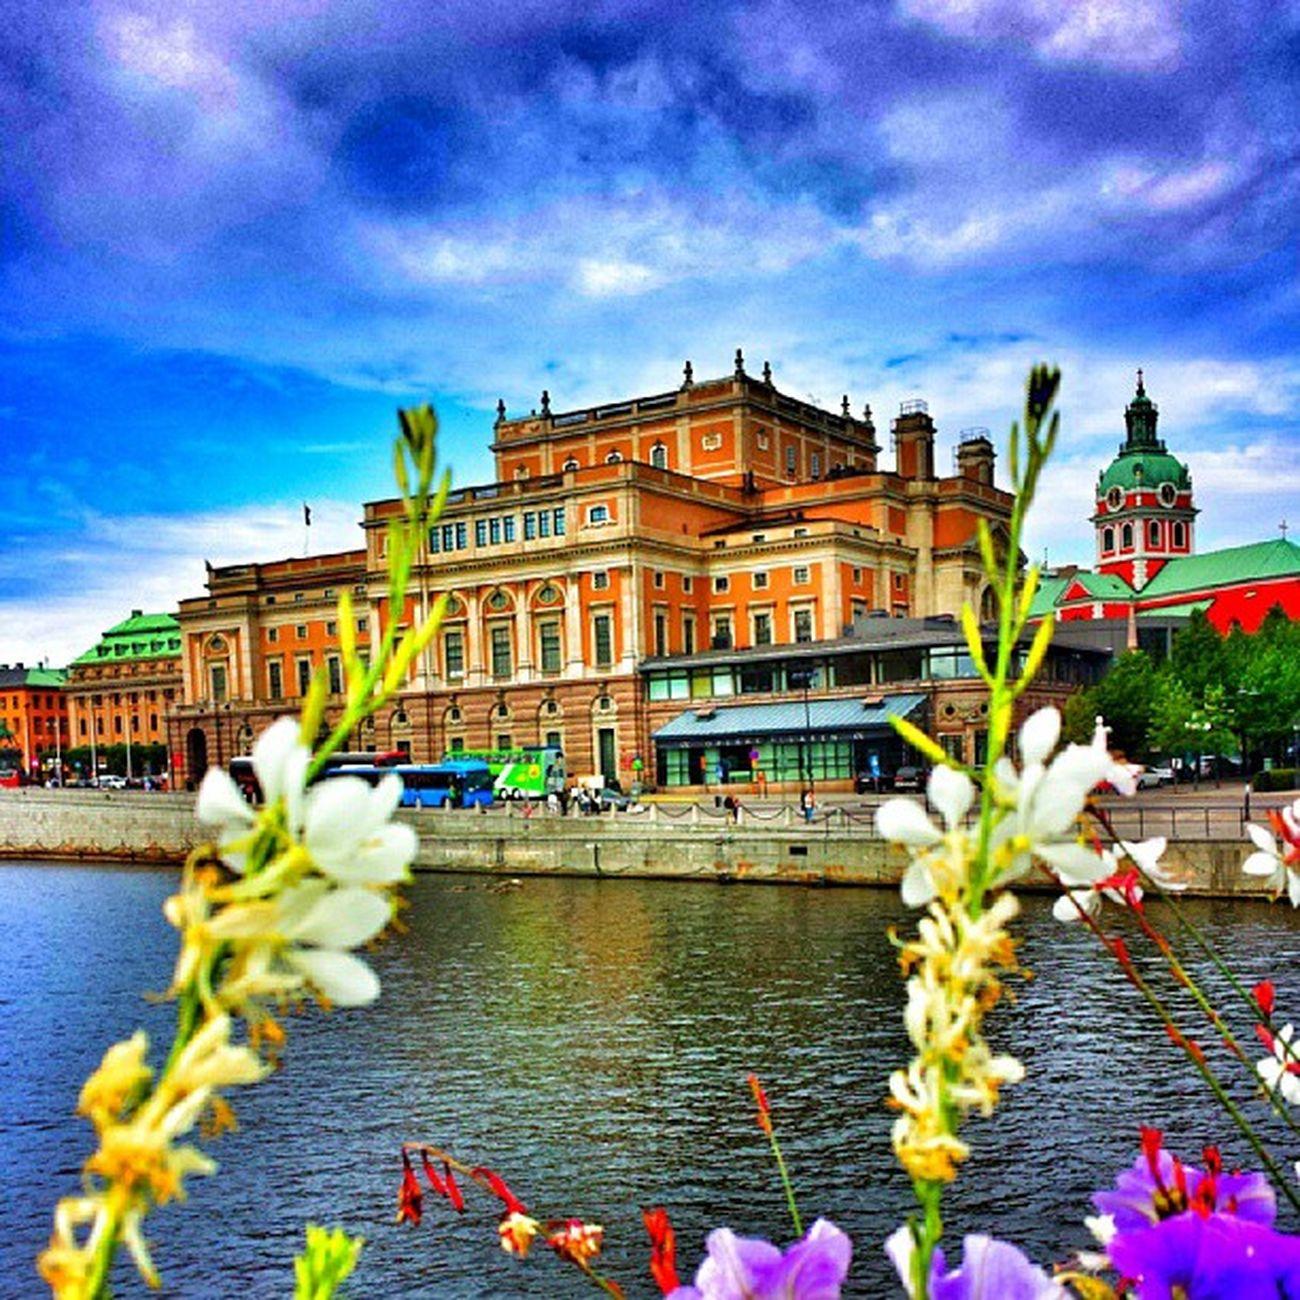 Stockhom Moln BL å Himmel internationalpictures clode sky summer sommar juli sweden sverige blommor blomma flowers